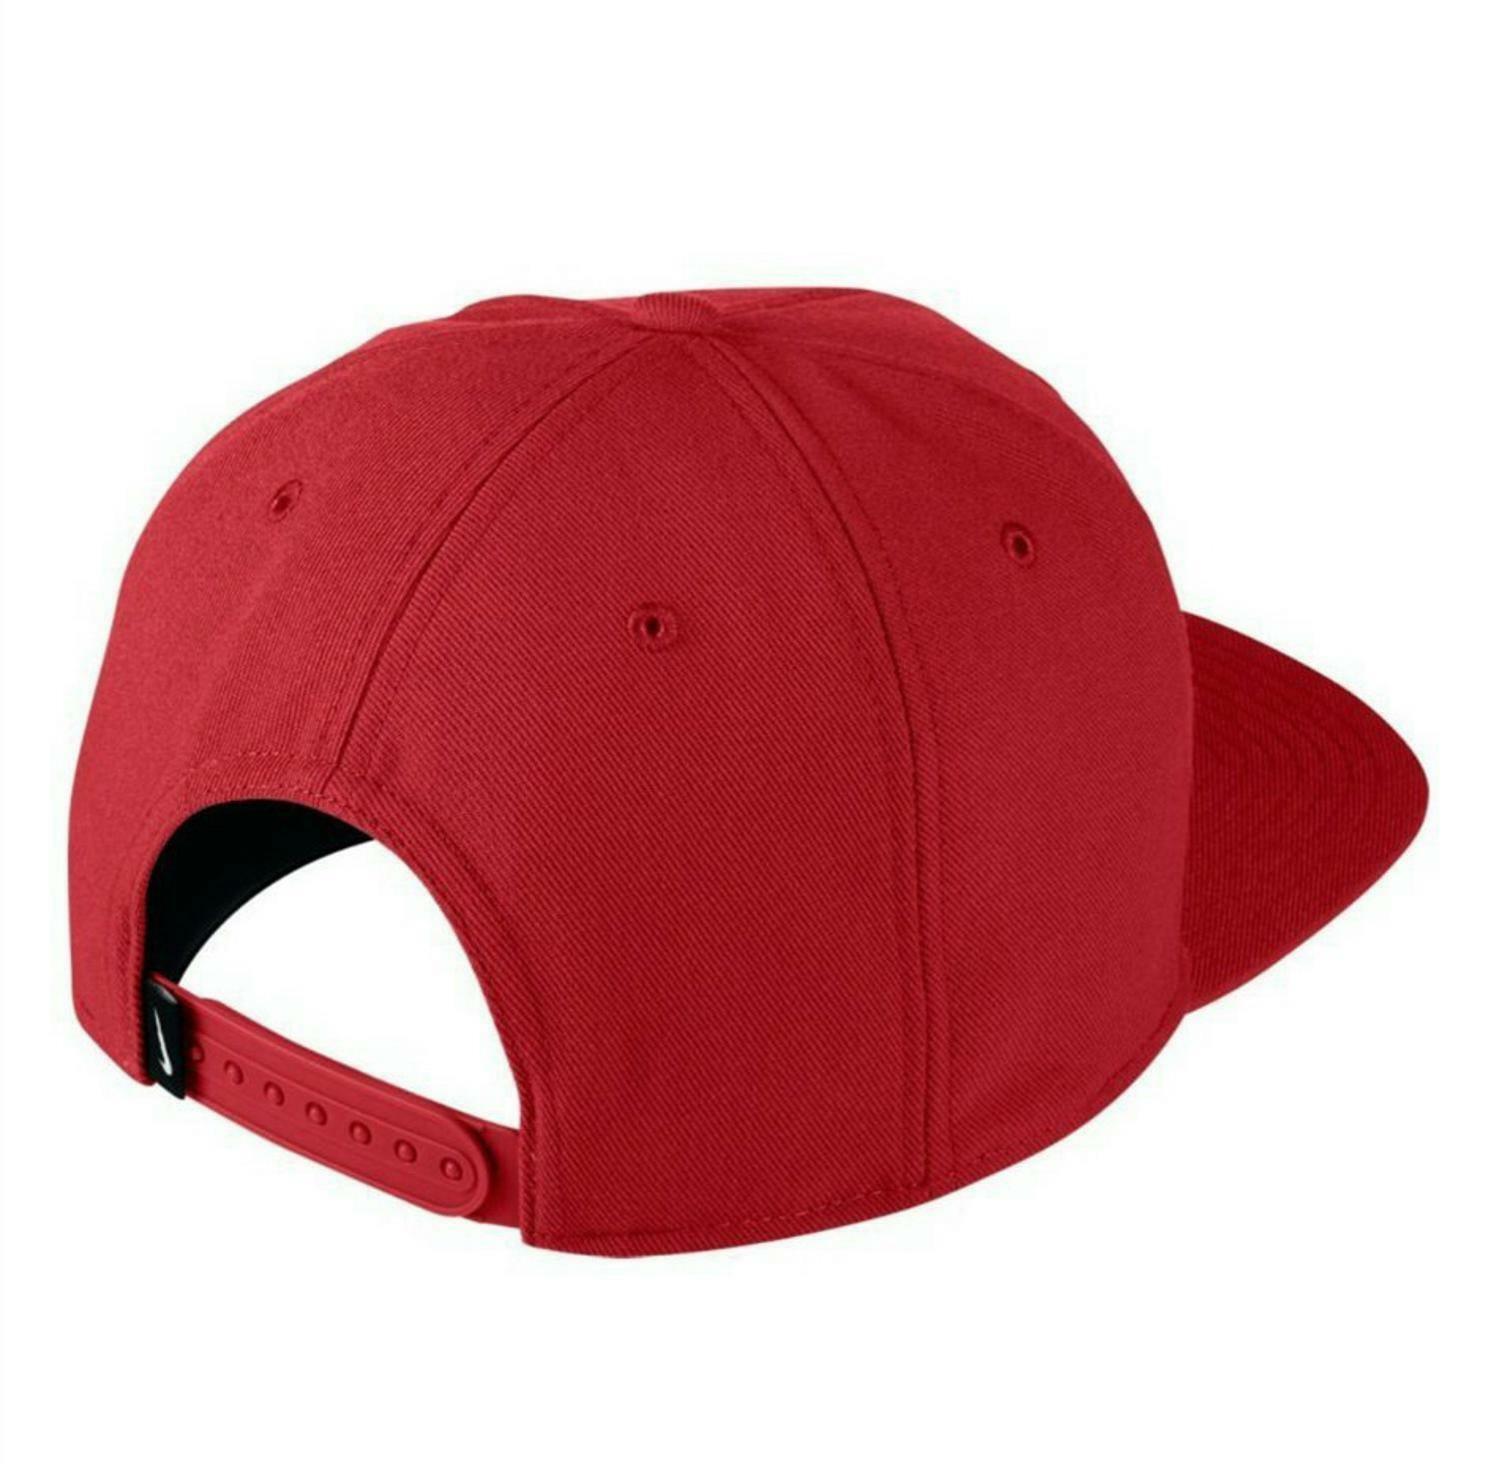 Accessori Nike Uomo   Cappello NIke unisex 639534 Rosso < Altro Altrove